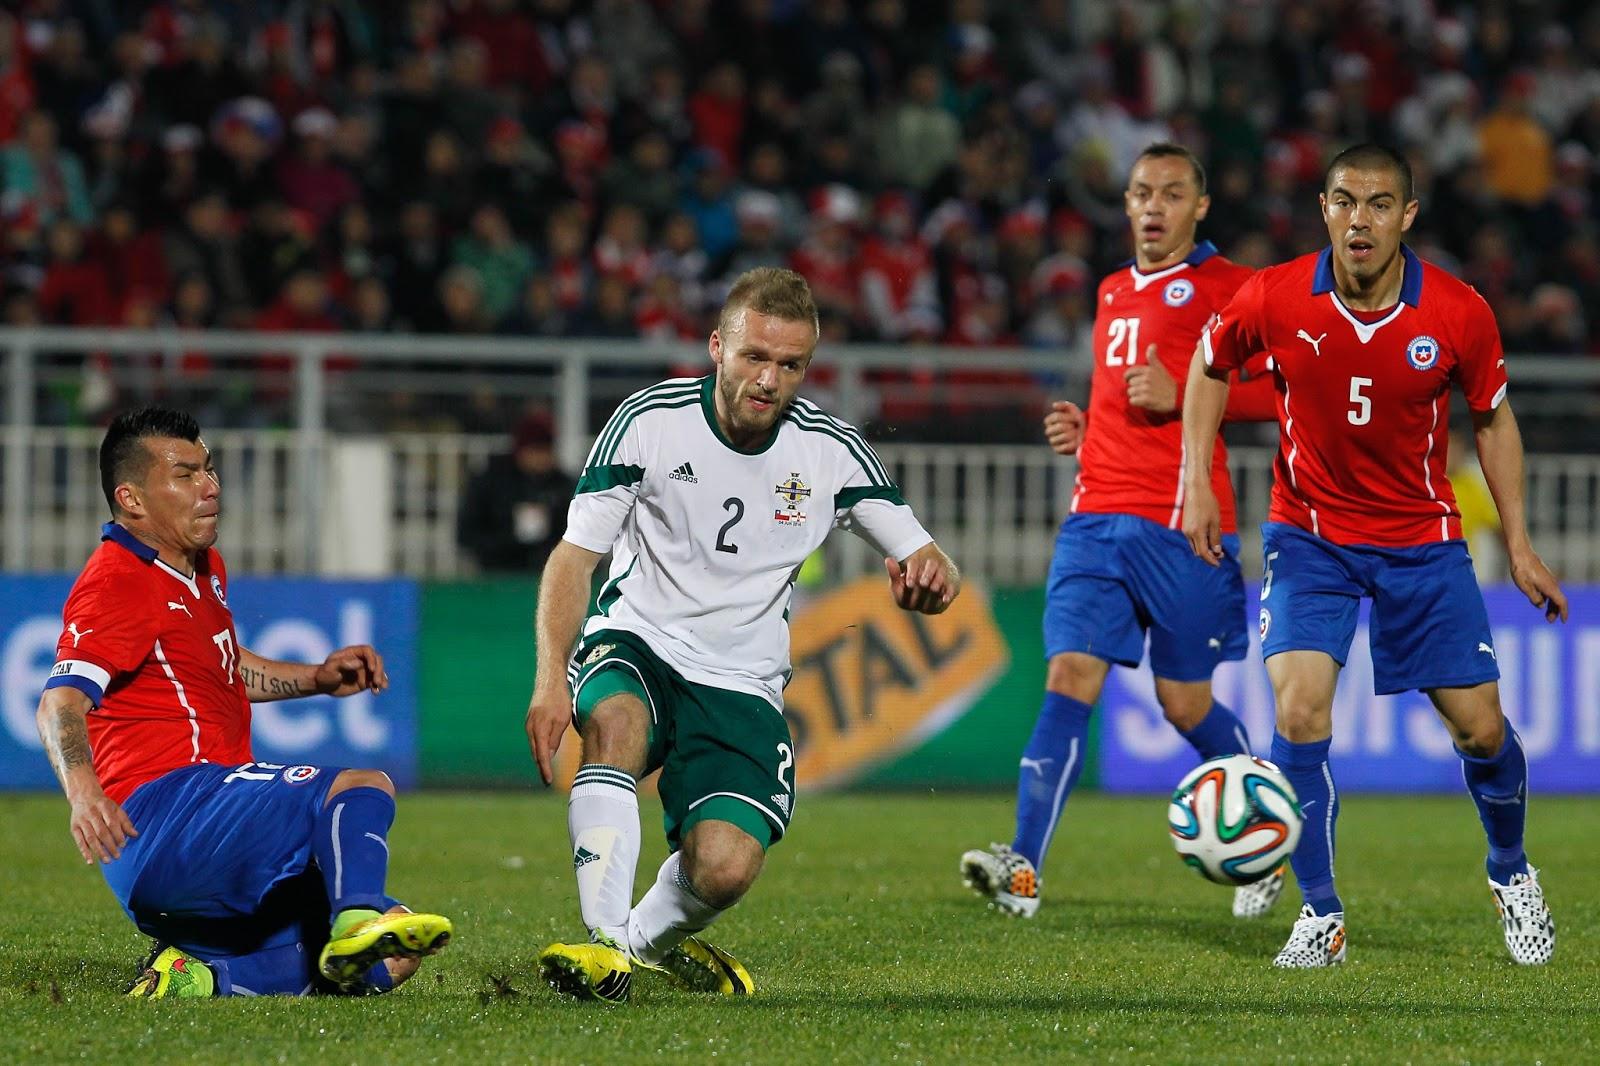 Chile e Irlanda del Norte en partido amistoso, 4 de junio de 2014